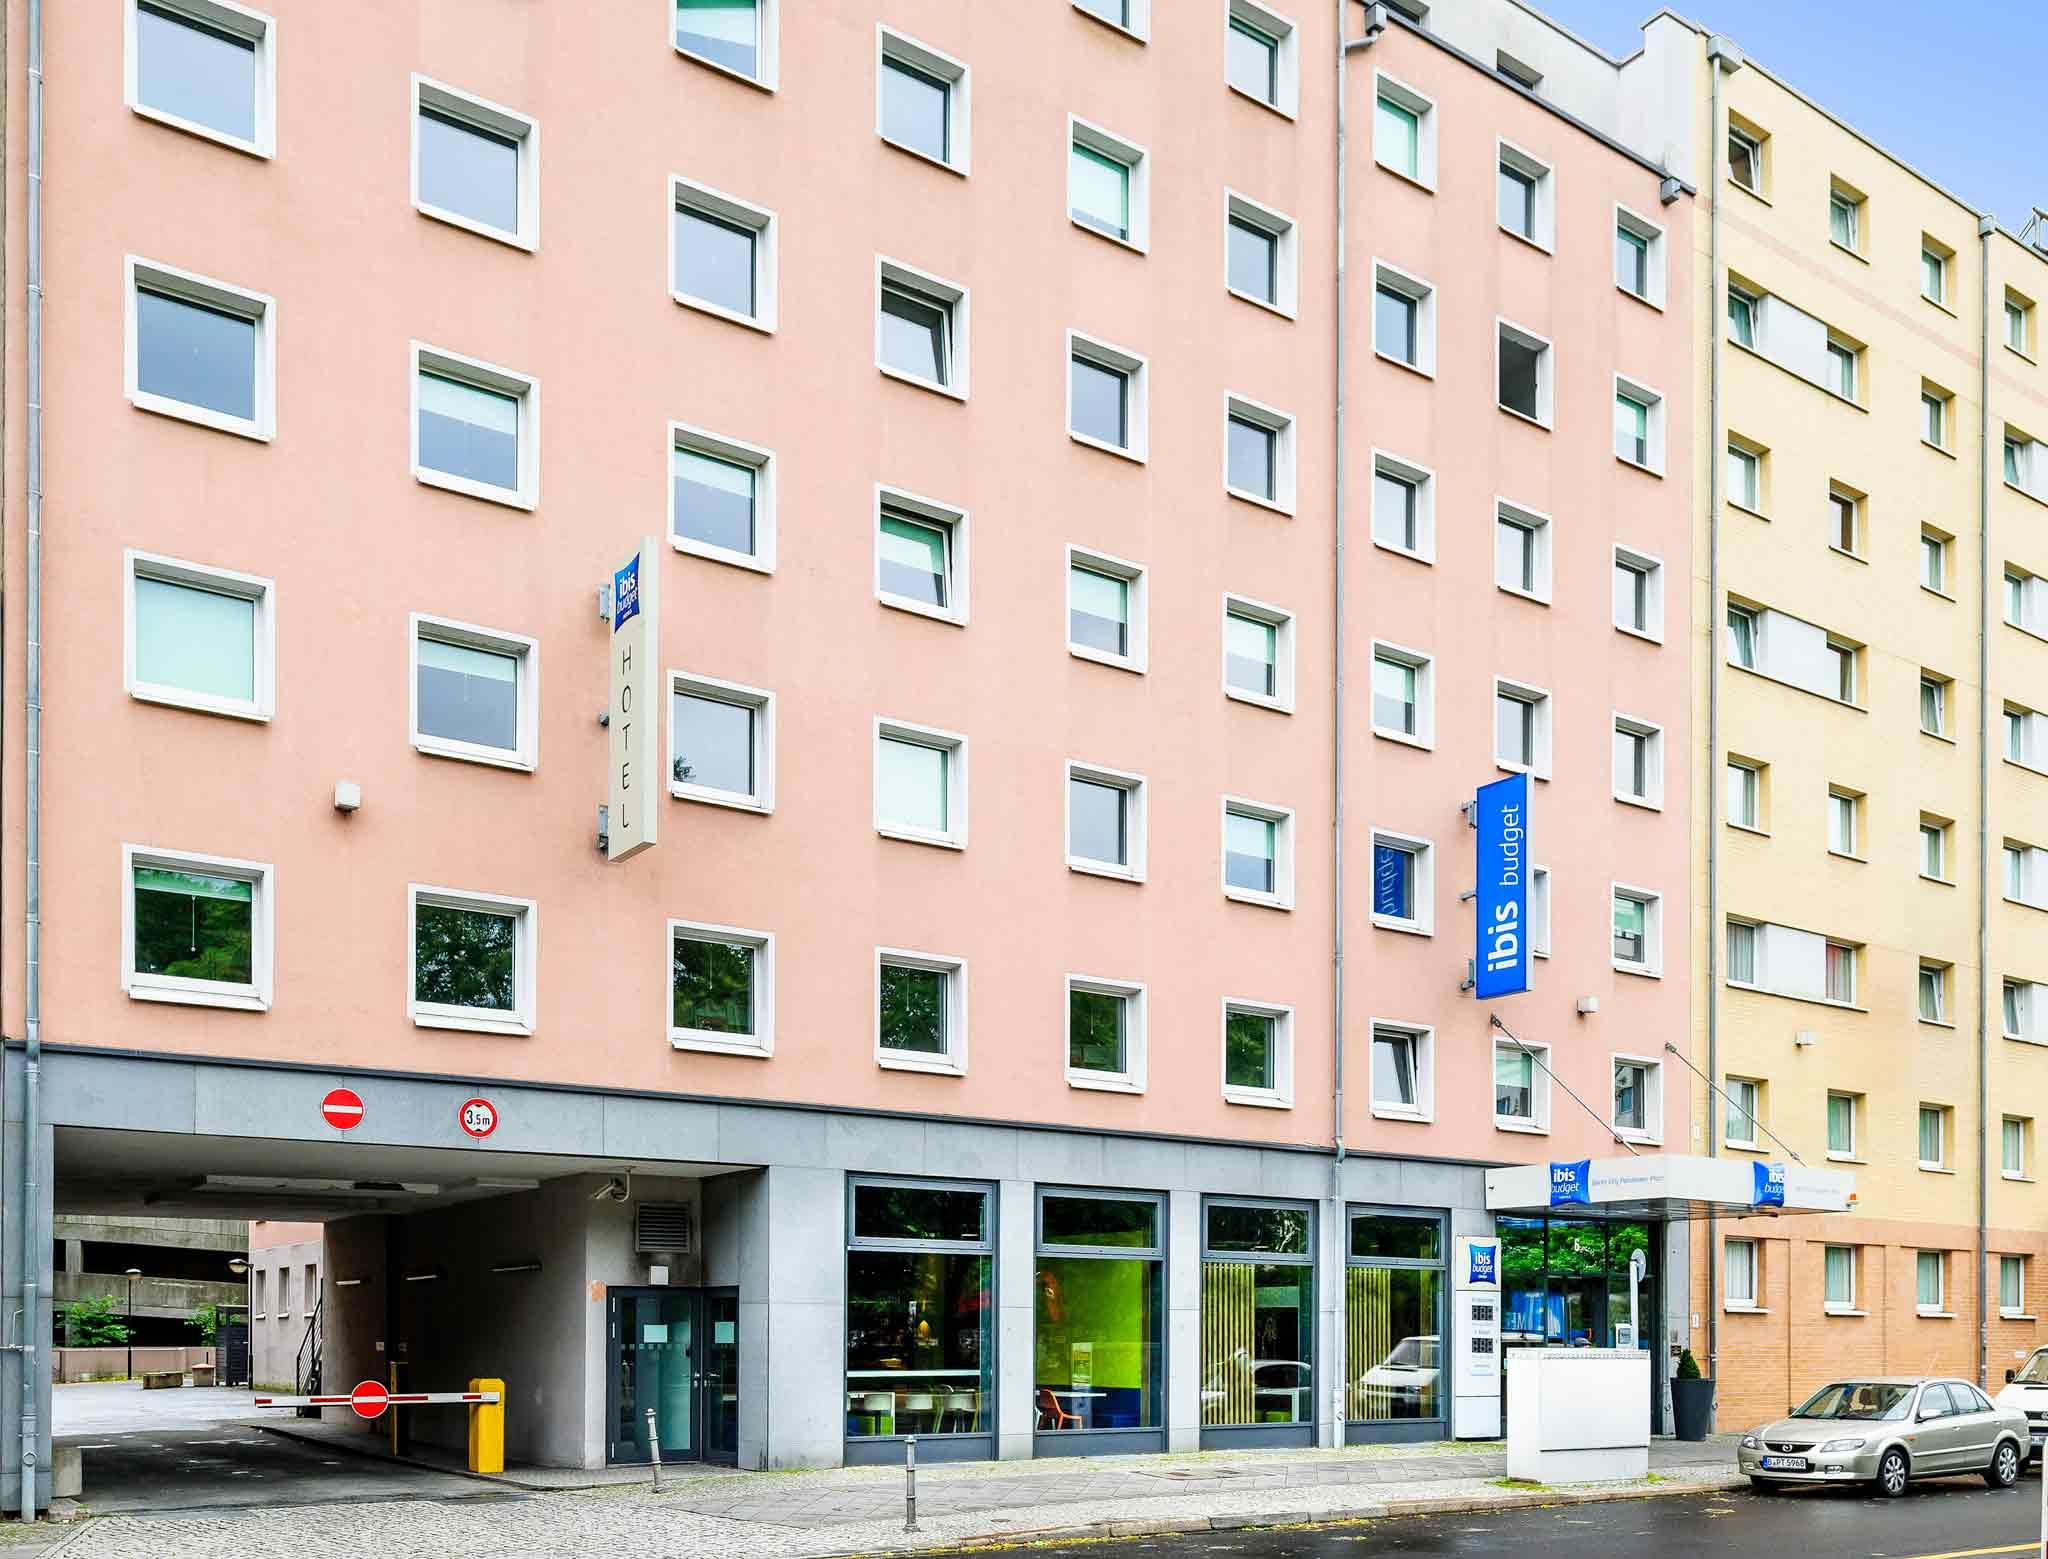 فندق - إيبيس بدجت ibis budget برلين سيتي بوتسدام بلاتز